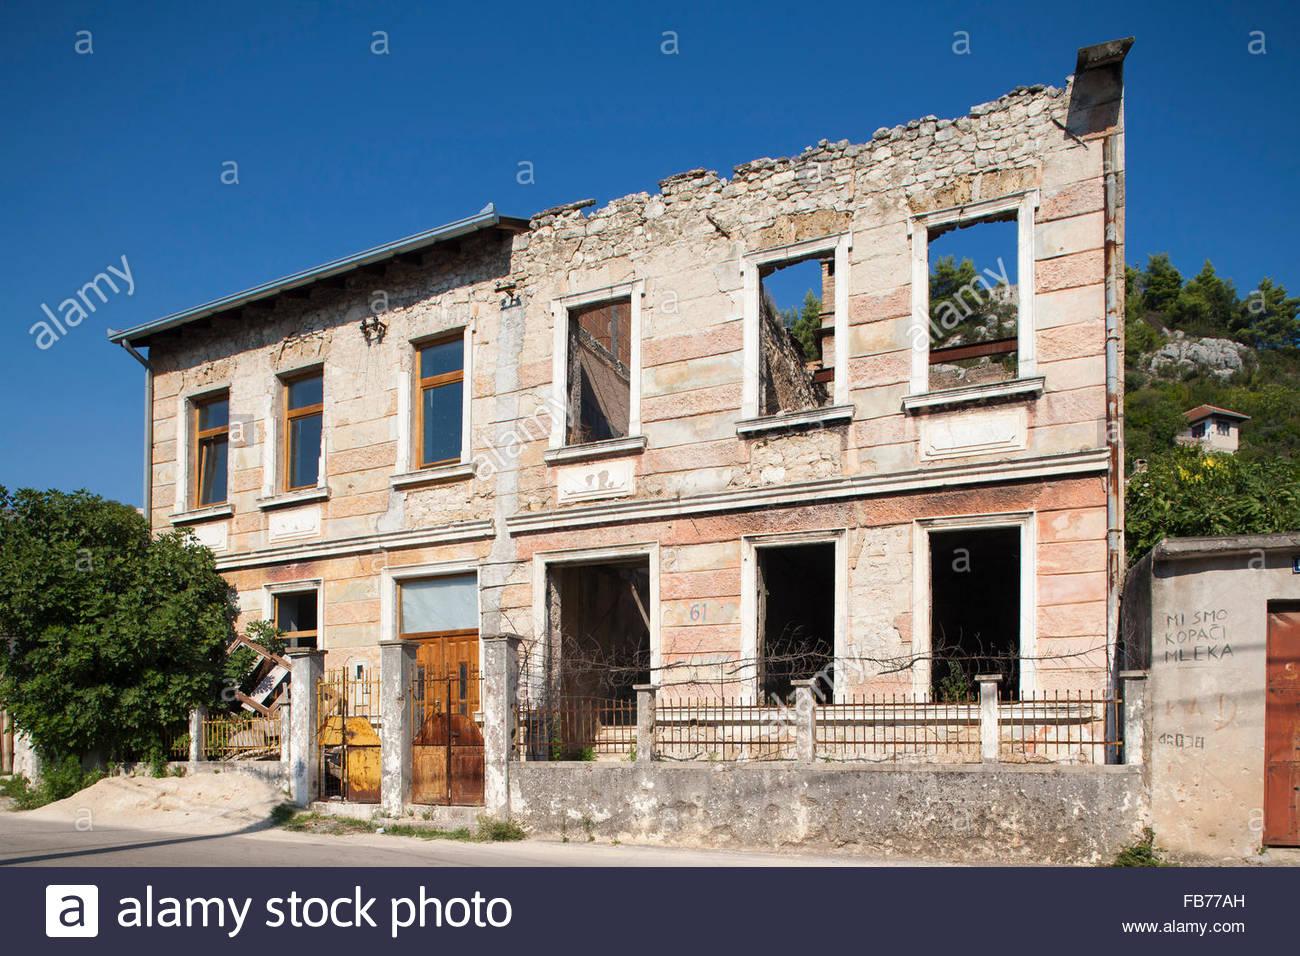 bombed house,stolac,village,bosnia and herzegovina,europe - Stock Image